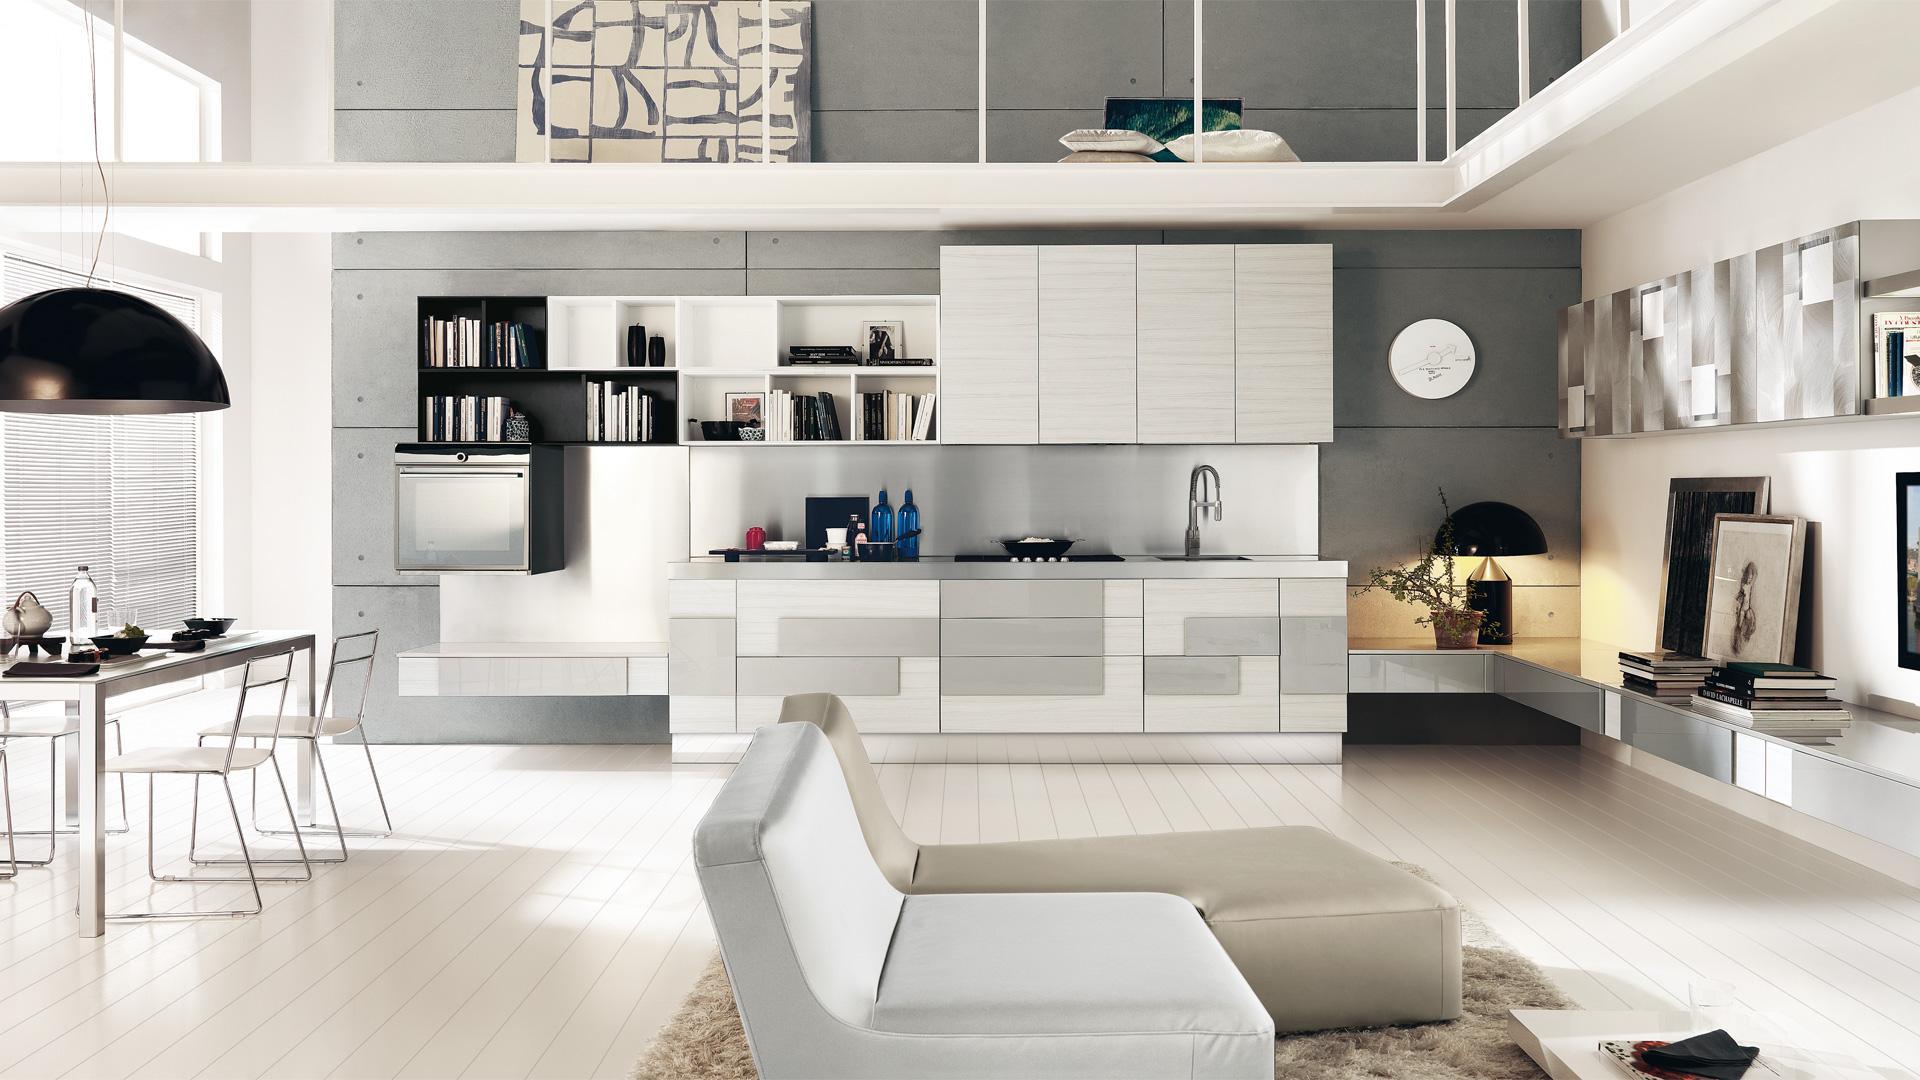 Cucina Lube Creativa, per chi ama lo stile contemporaneo - Lube ...